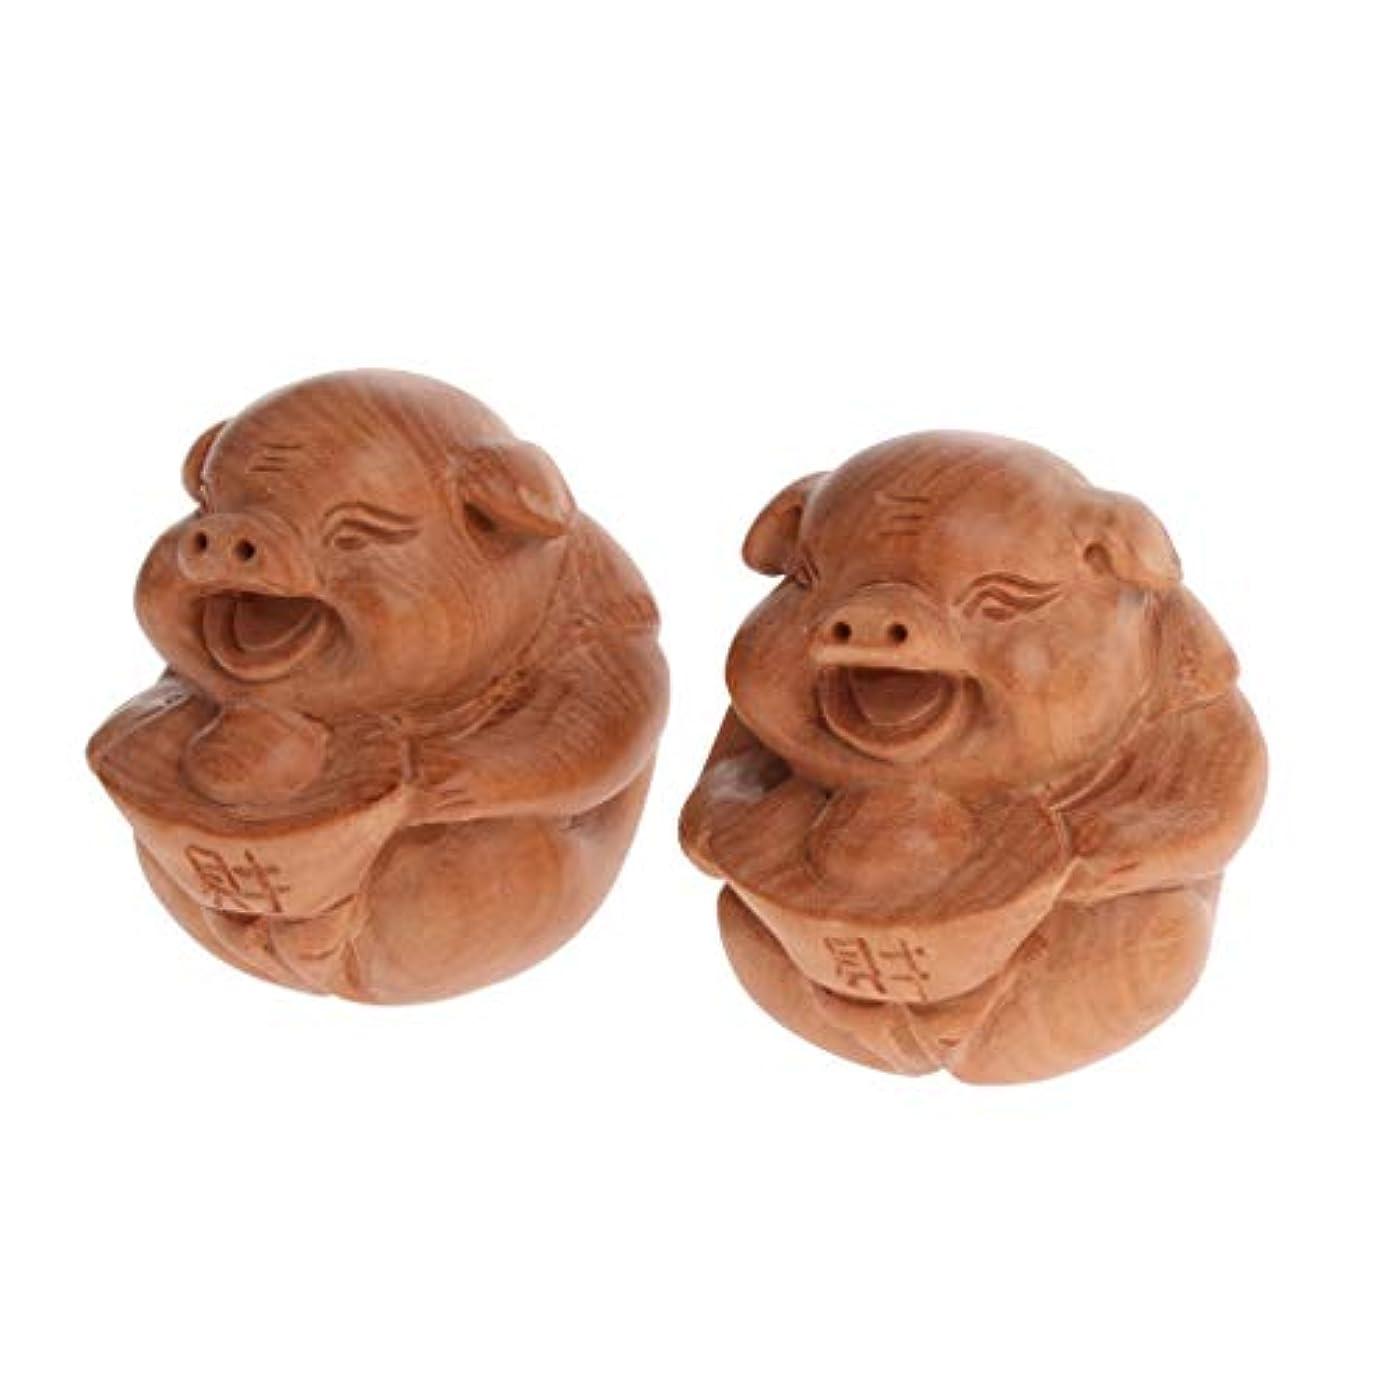 不調和ネイティブ添付dailymall 1ペア木製中国健康運動ストレスリラクゼーション療法保定ボール